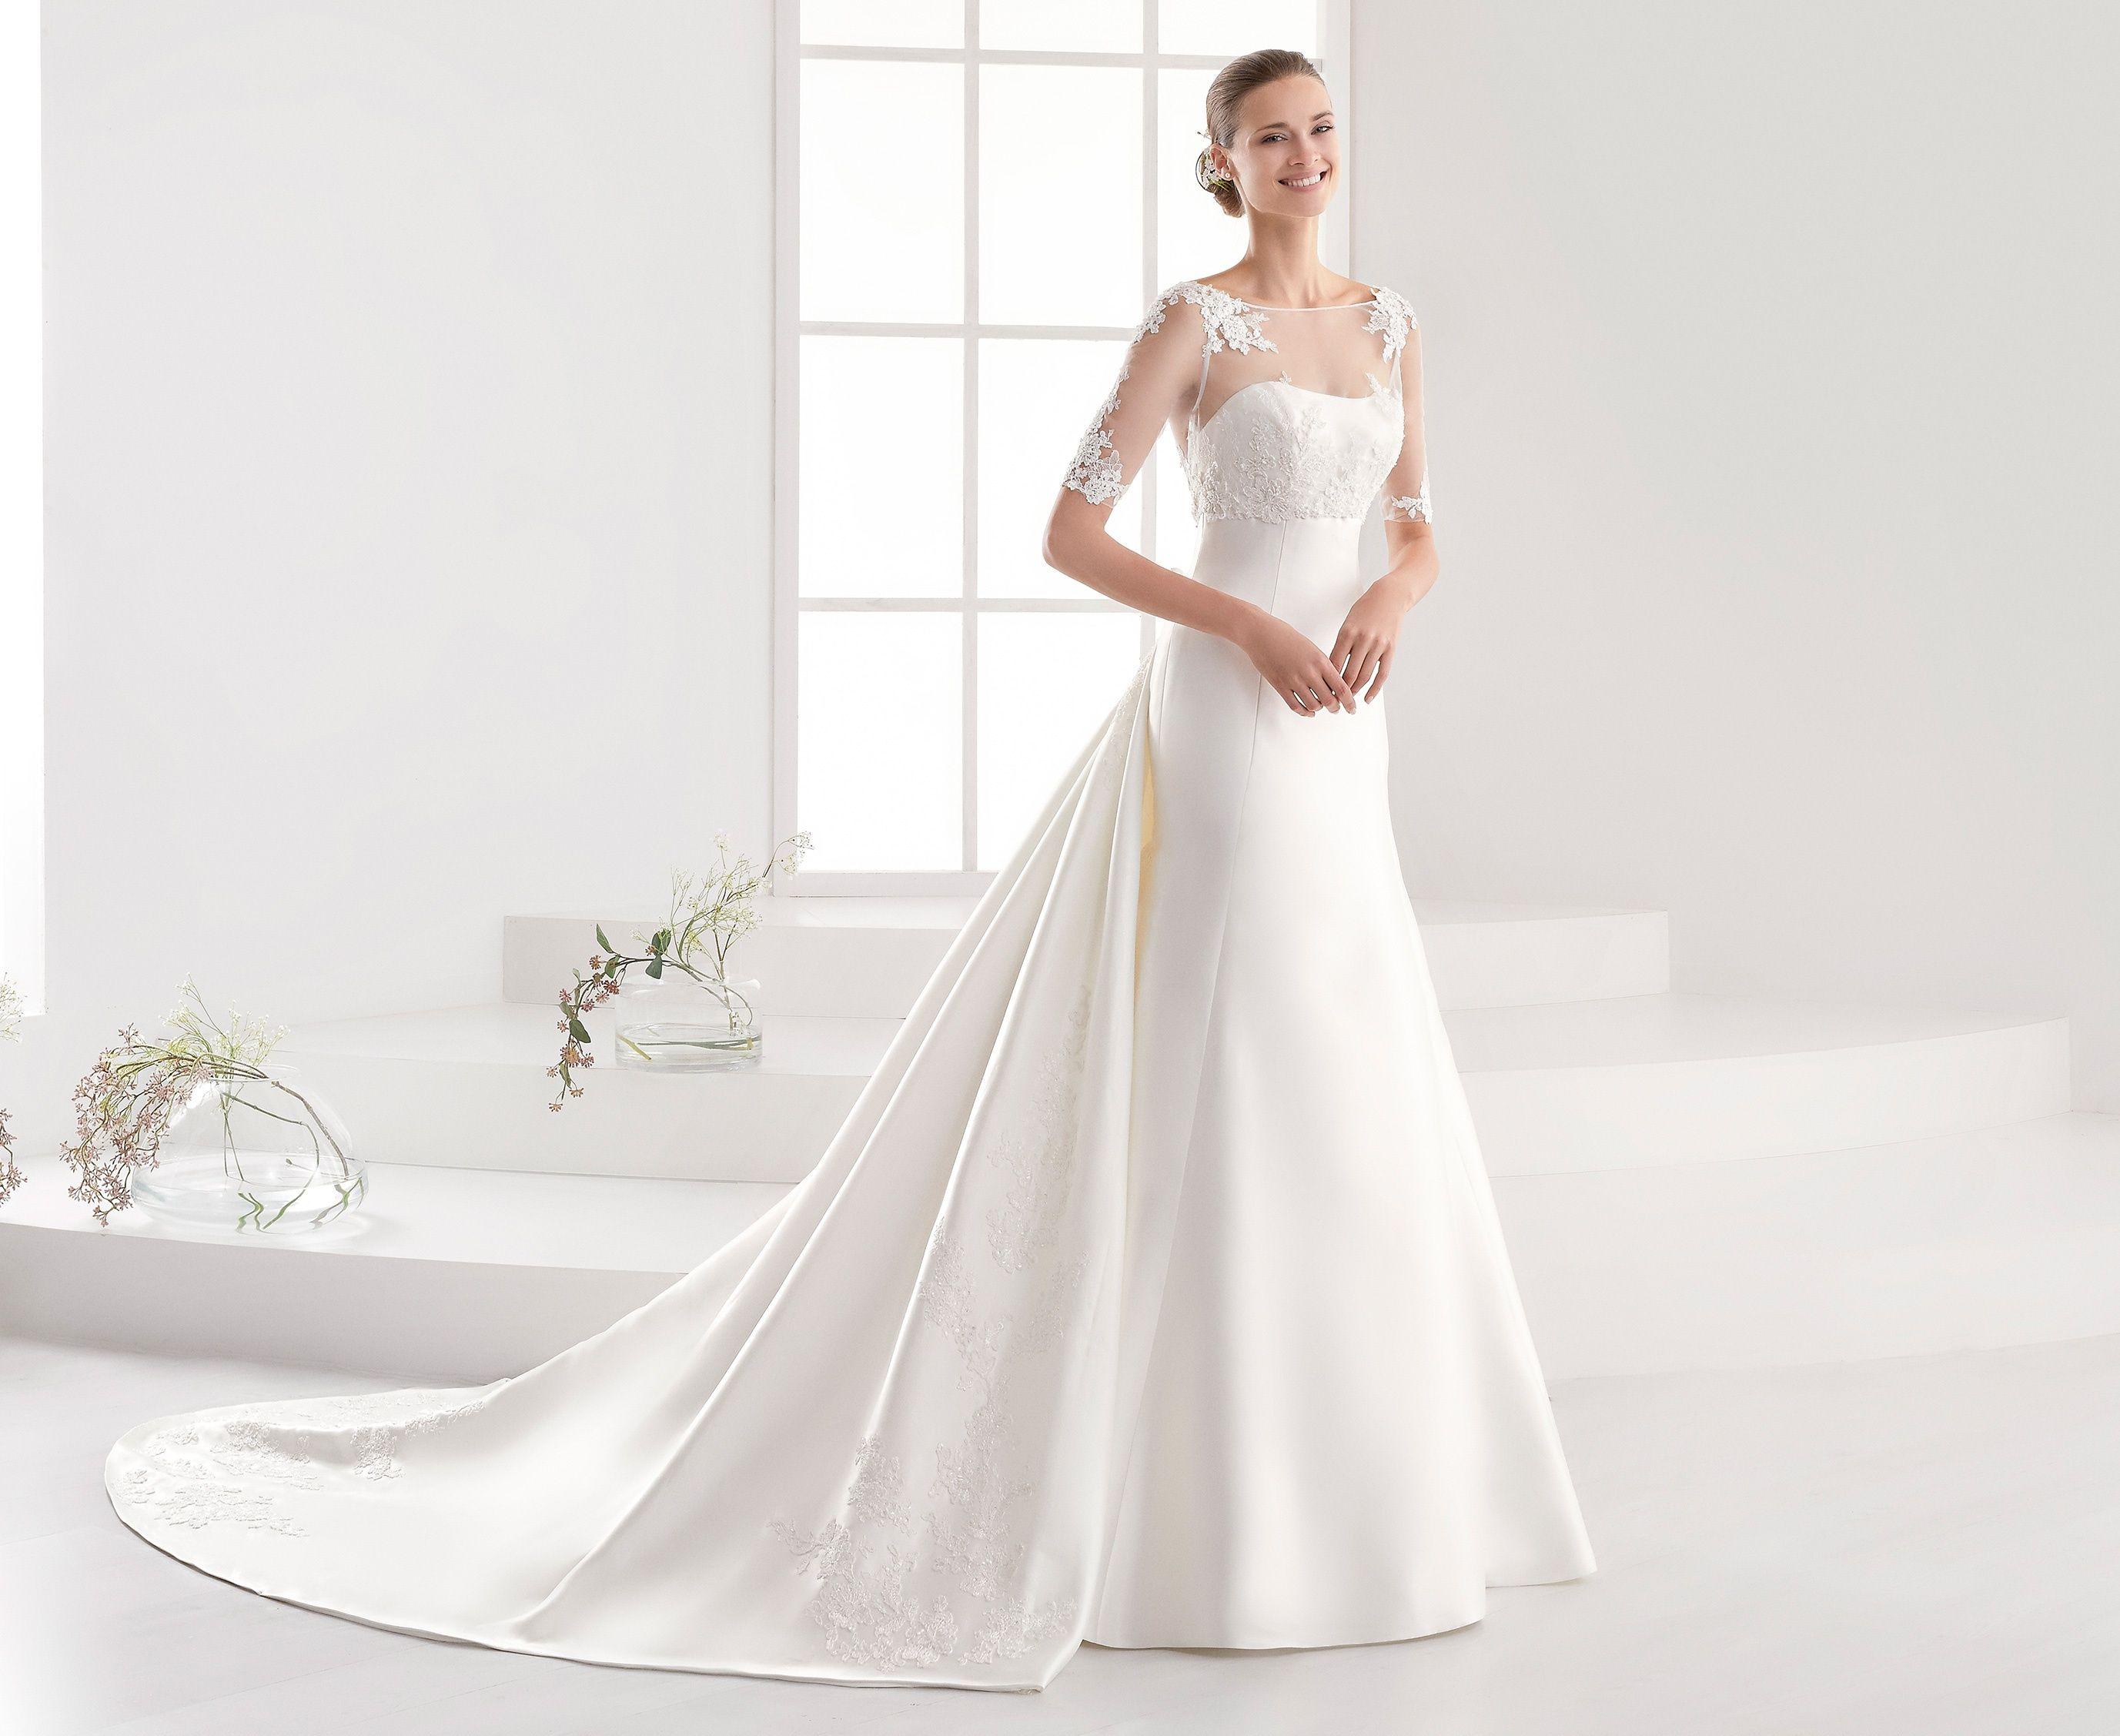 Moda Sposa 2018 Collezione Aurora Auab18953 Abito Da Sposa Nicole Abito Da Sposa A Tubino Abiti Da Damigella Abito Da Sposa A Trapezio